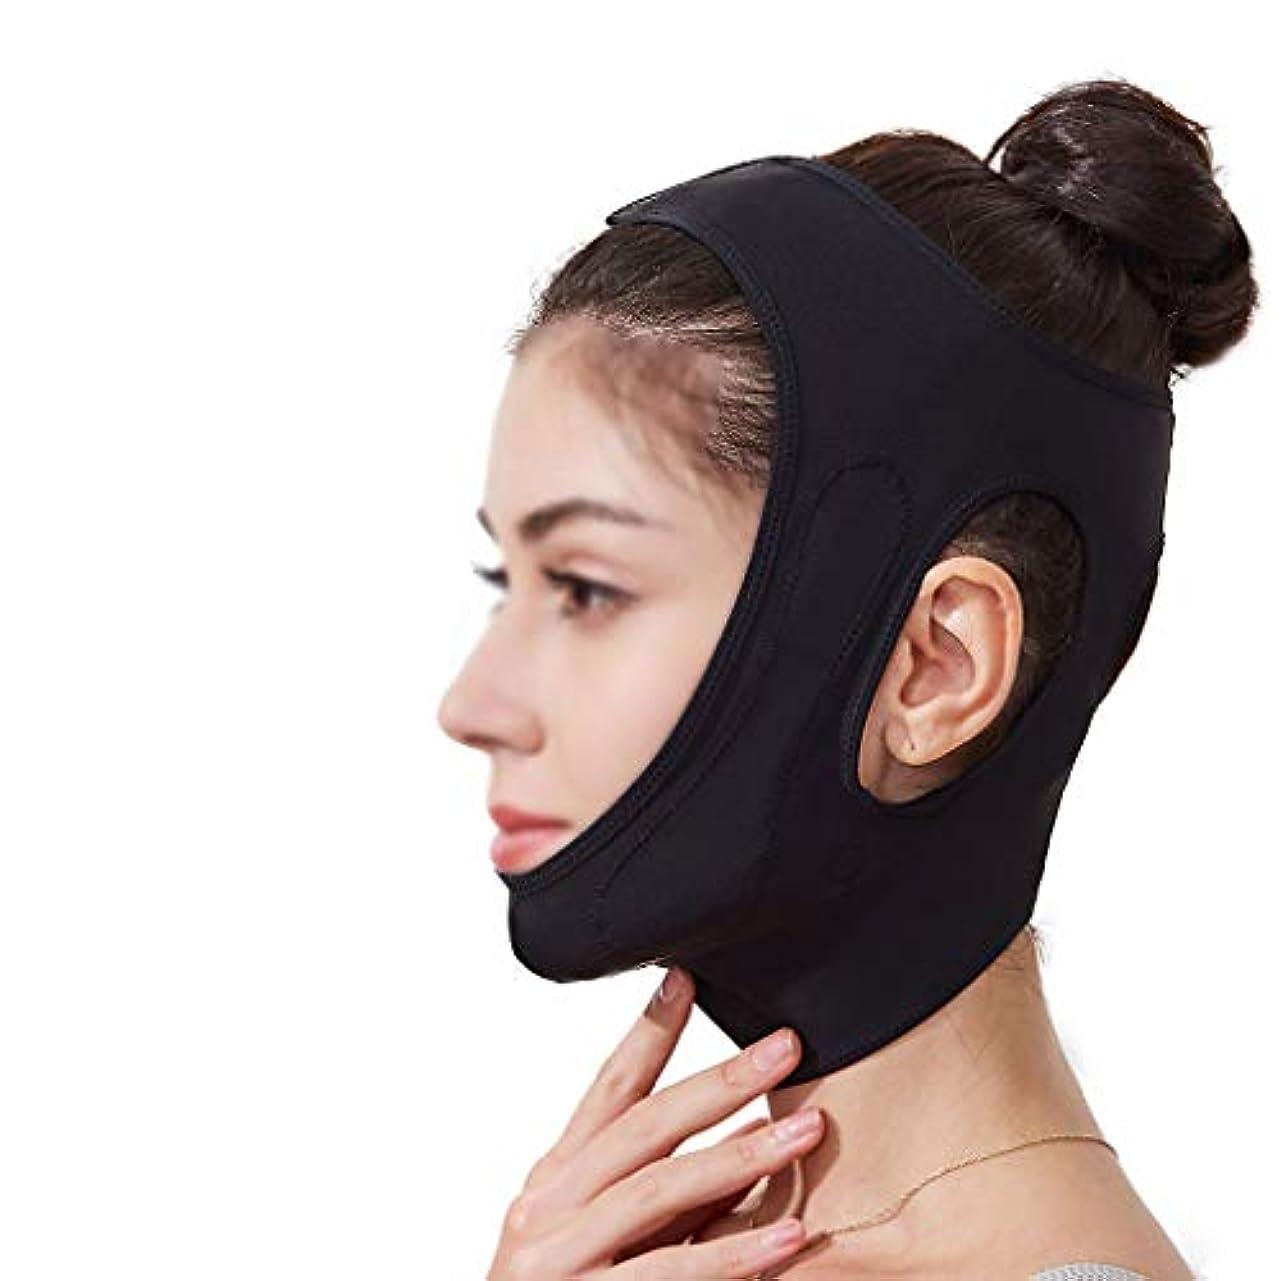 より良い風味火薬GLJJQMY フェイスリフティング包帯フェイシャルチークV字型リフティングマスクアンチシワは、小さなVフェイスを作成するために二重あごの快適な包帯を削減 顔用整形マスク (Color : Black)